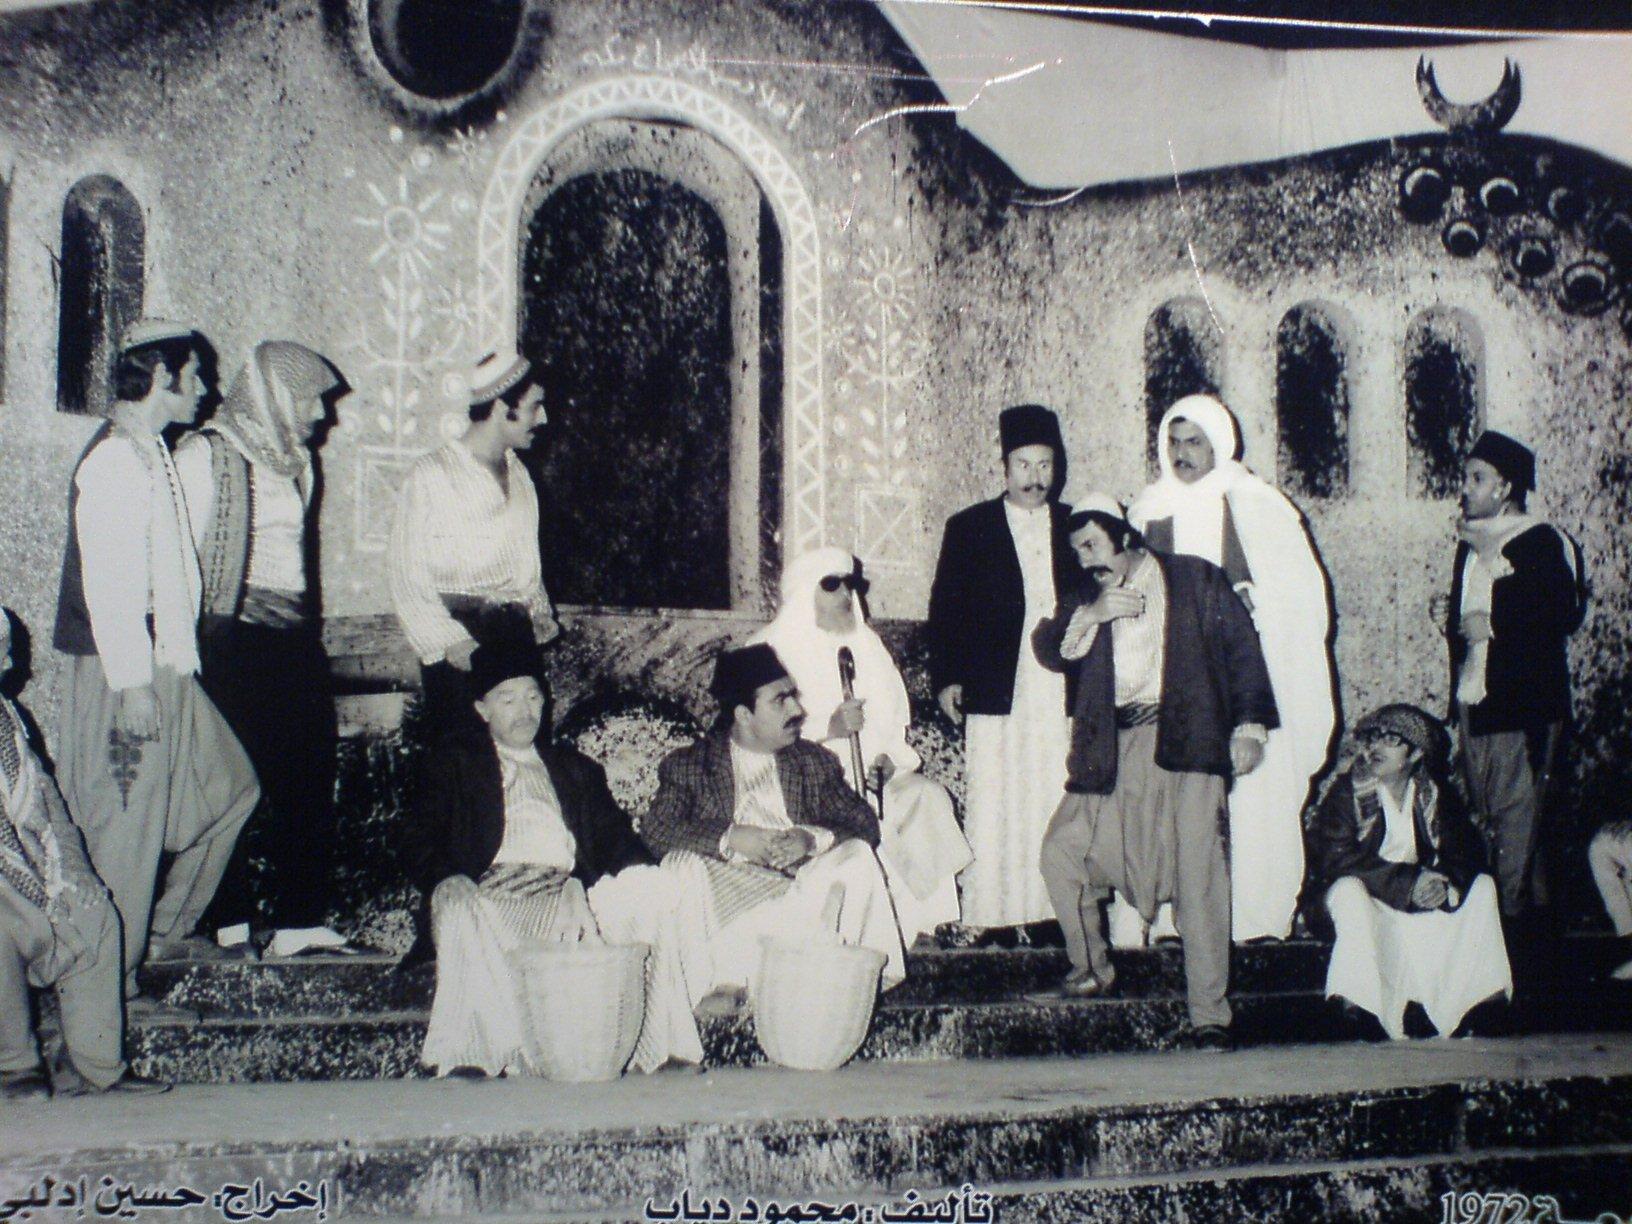 مشهد من مسرحية الزوبعة 1972 (صفحة محمد طرقجي على فيس بوك)